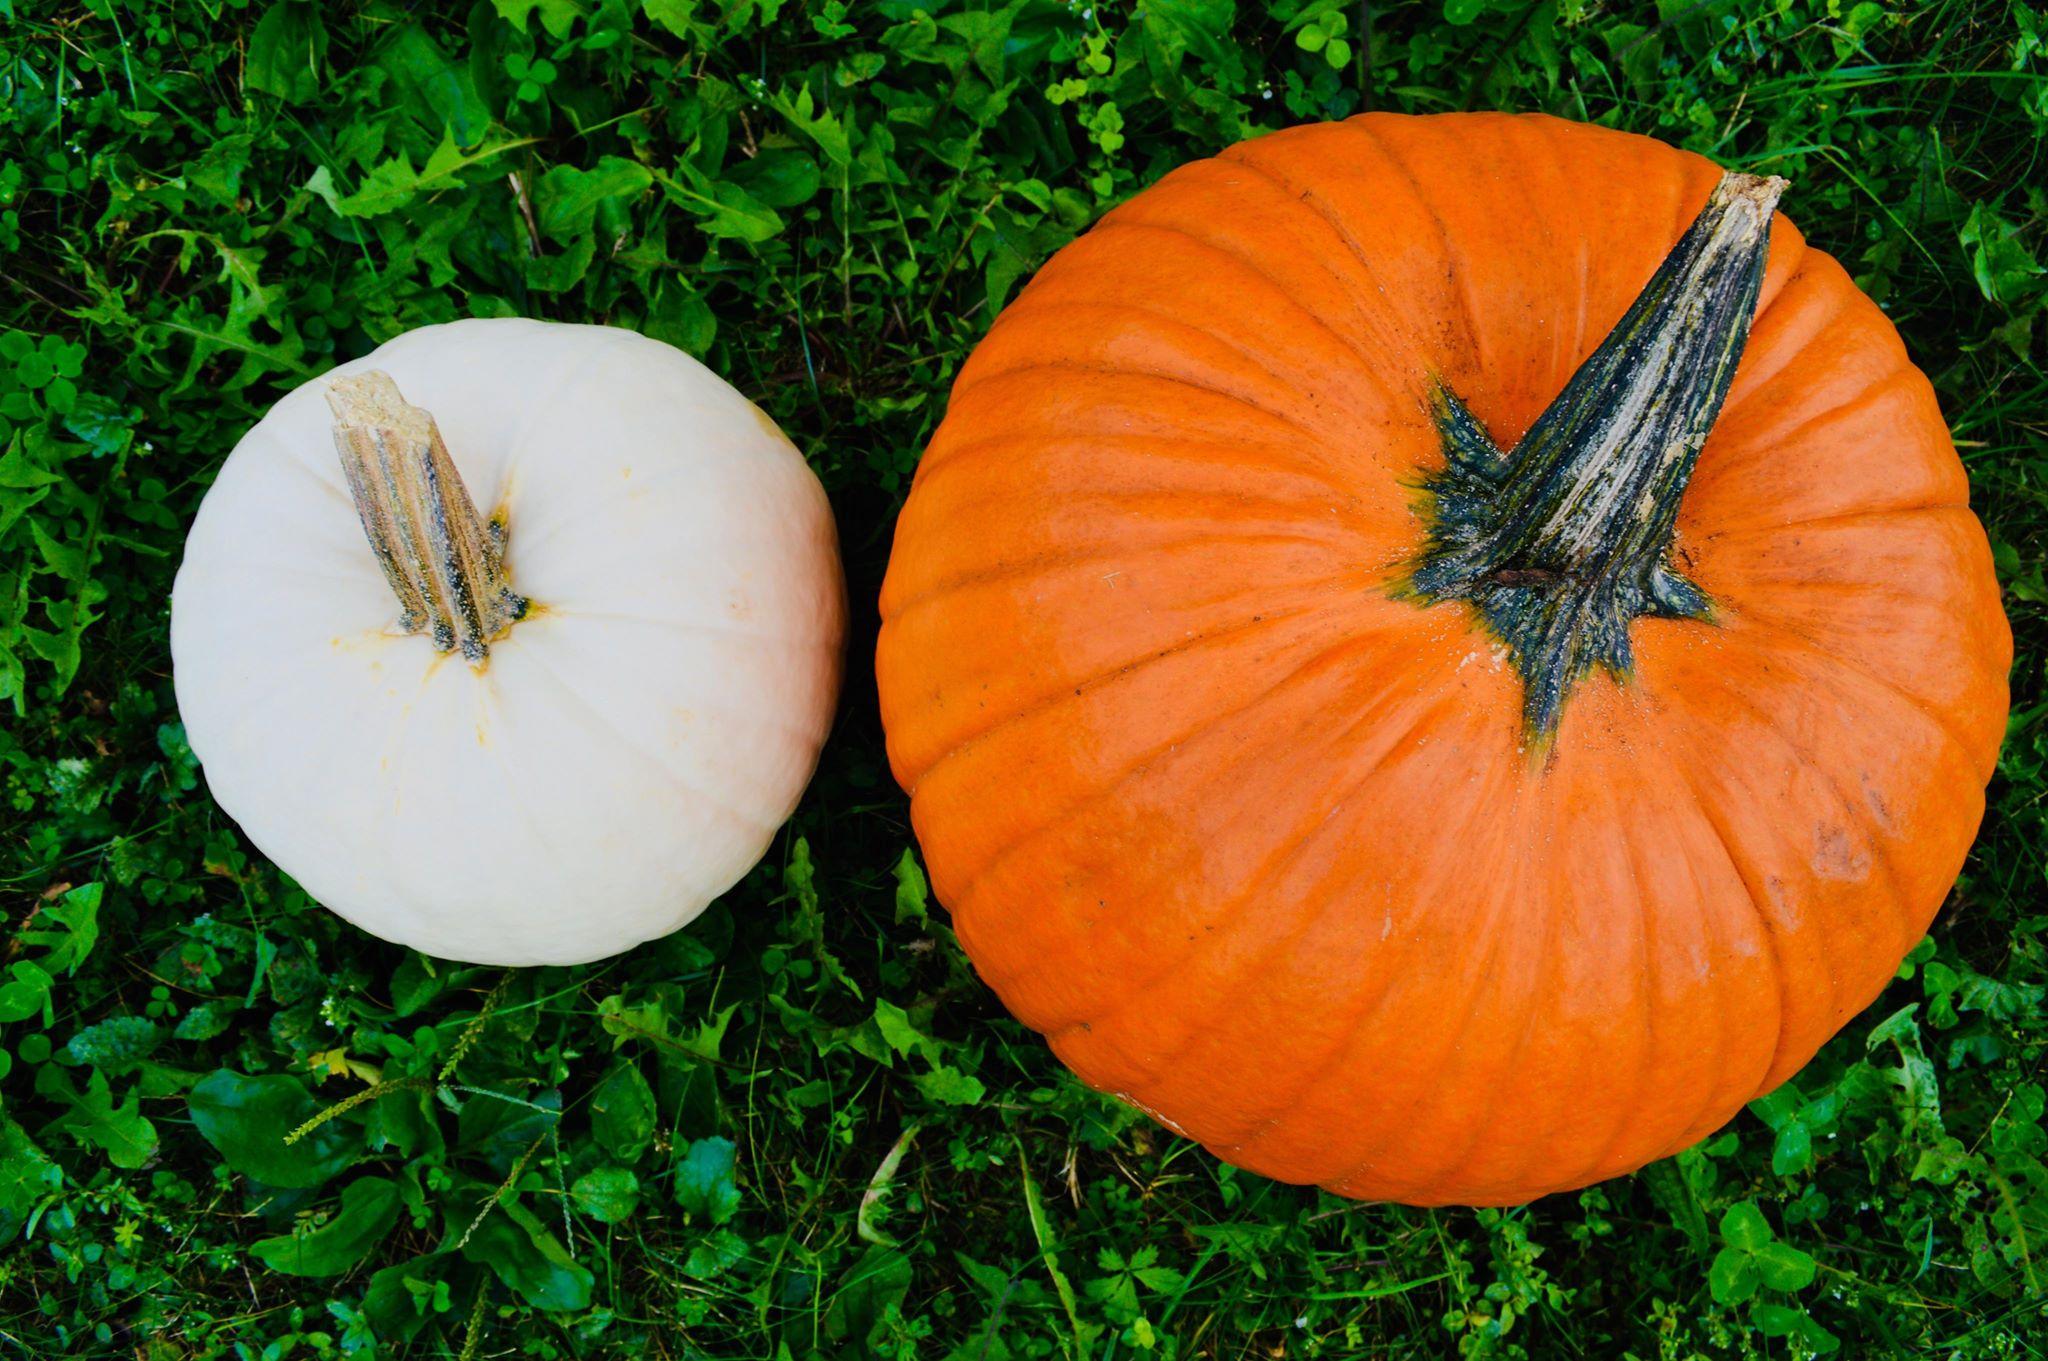 homemade pumpkin bread, kid baker, modern homesteader, organic life, spiced pumpkin bread, holiday dessert, seasonal eating, baking from scratch, baking pumpkins, pie pumpkins, homegrown pumpkins, pumpkin picking, pumpkin season, pumpkin spice